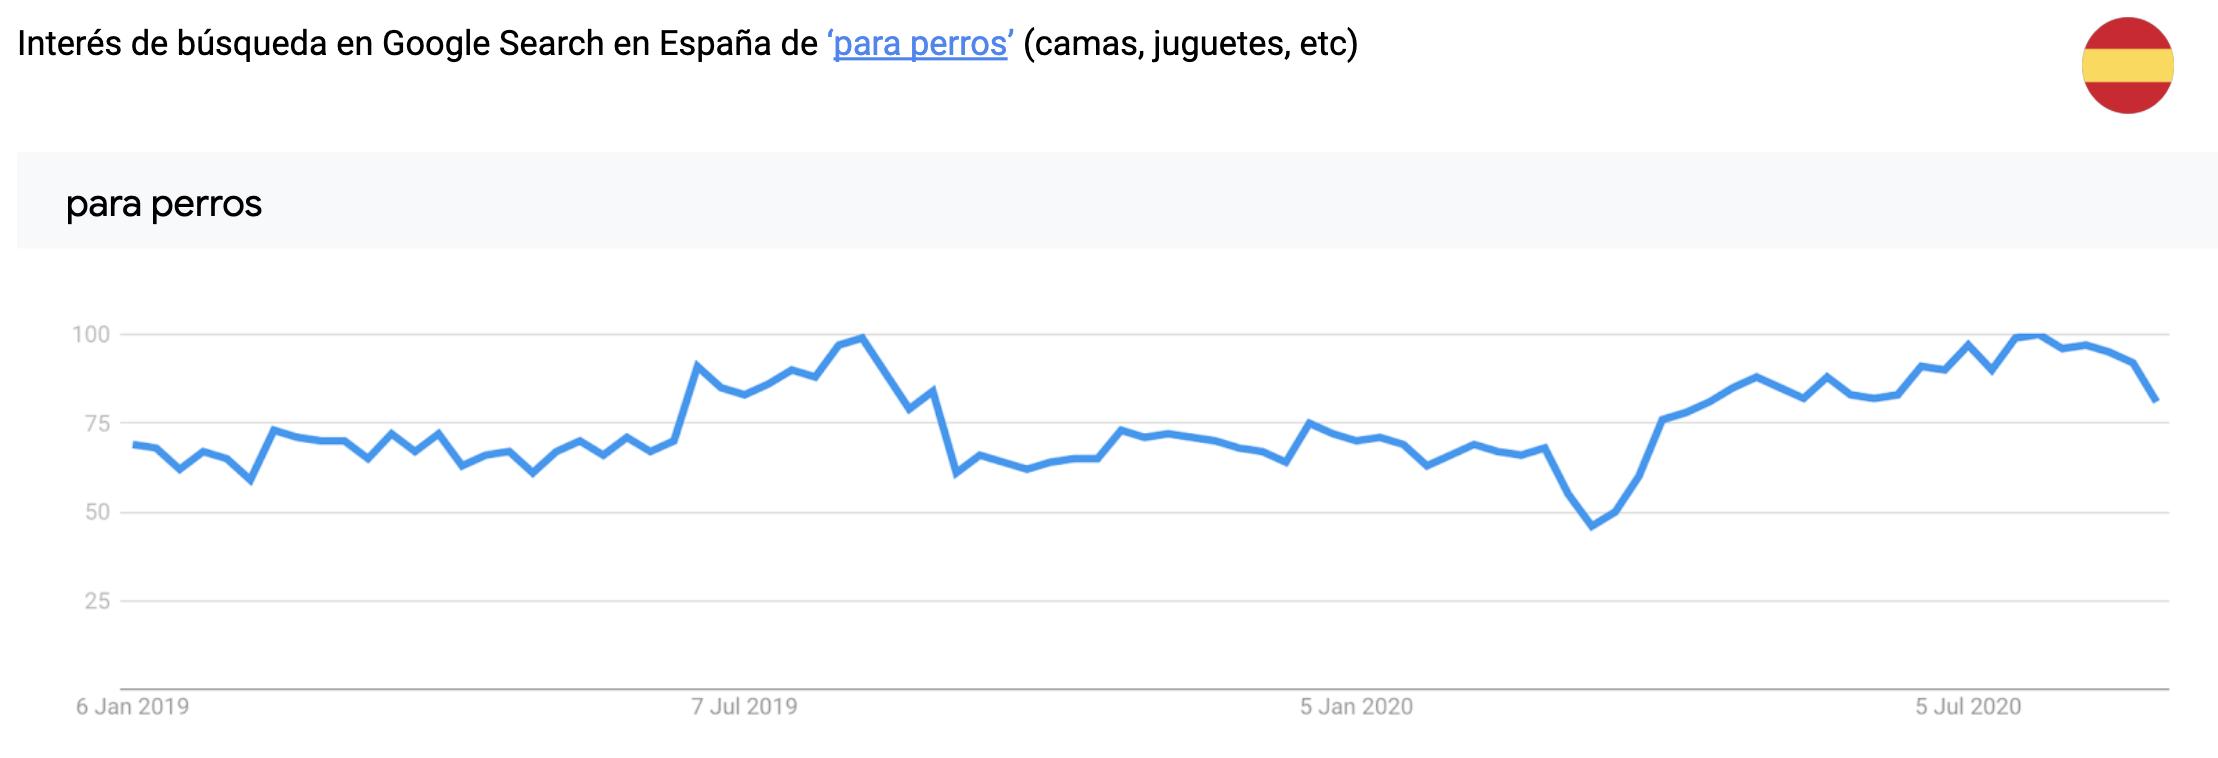 gráfico de tendencias de búsqueda en españa